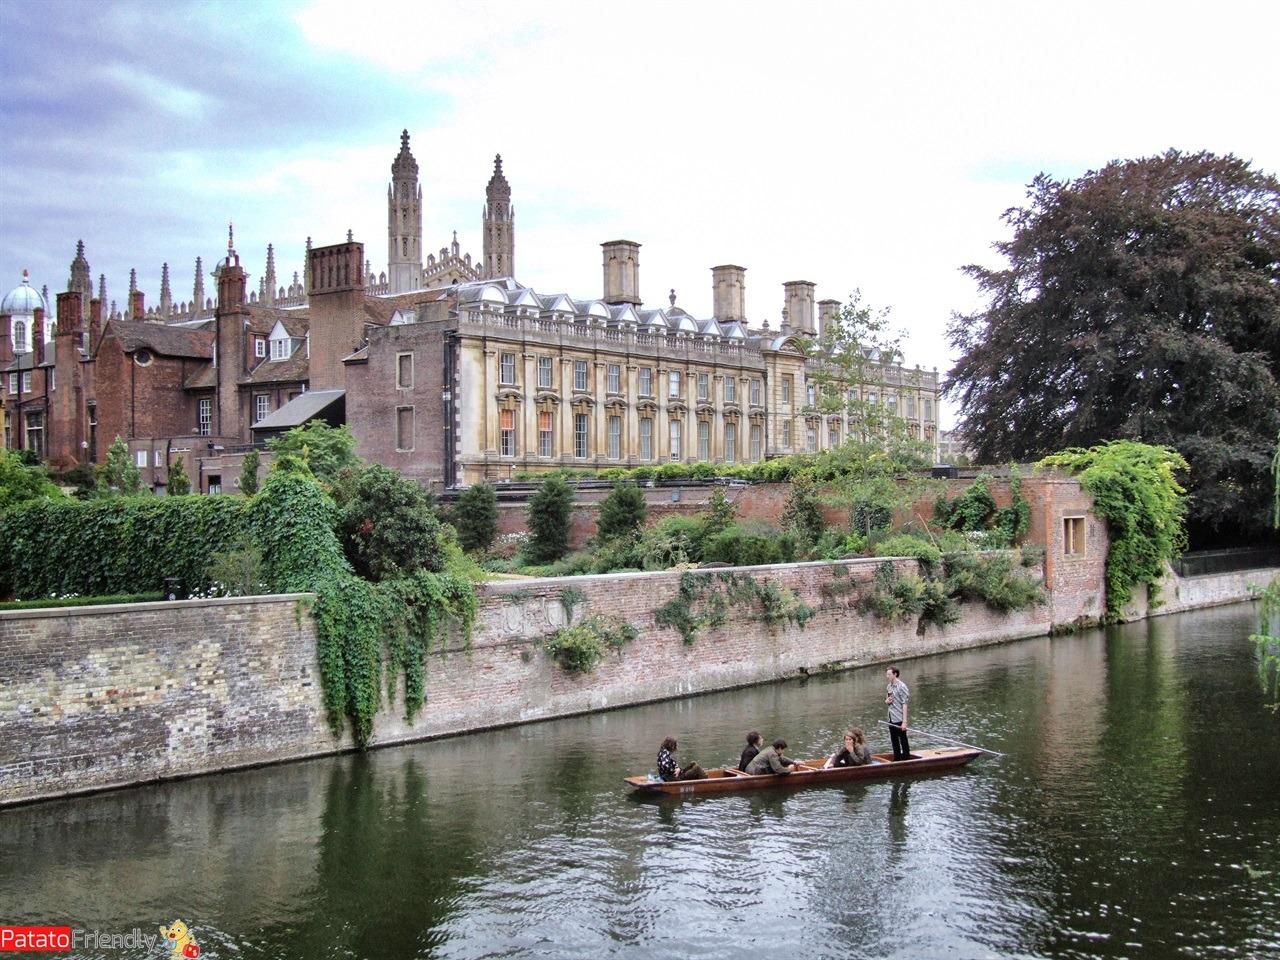 Viaggio nell'Inghilterra meridionale - visitare Cambridge